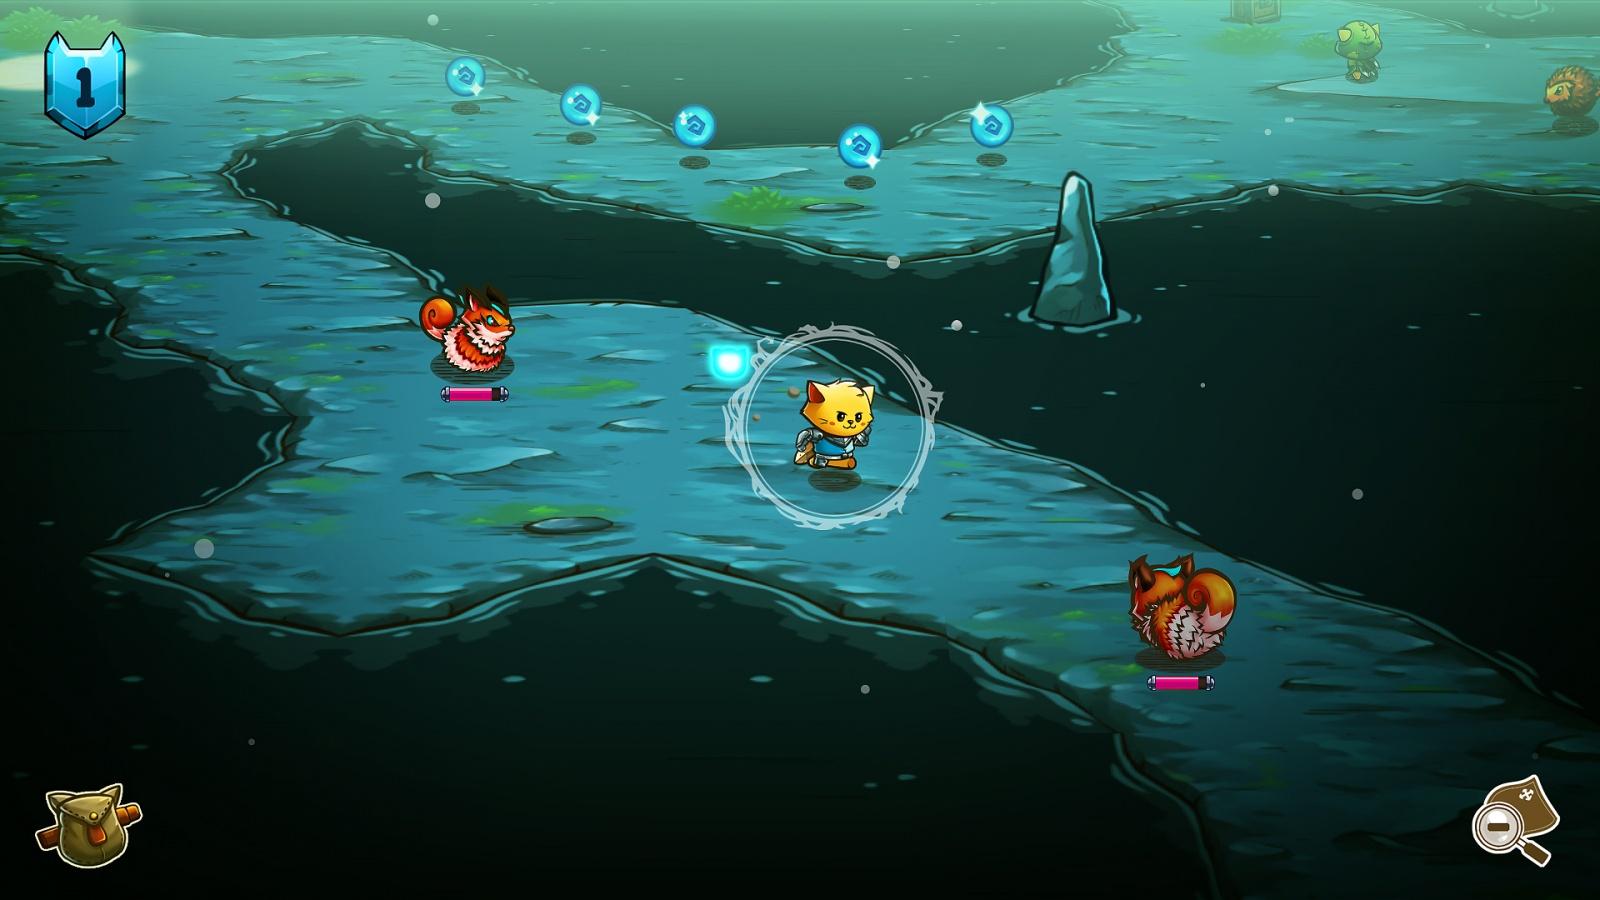 Разработка игры для нескольких платформ: постмортем Cat Quest - 4